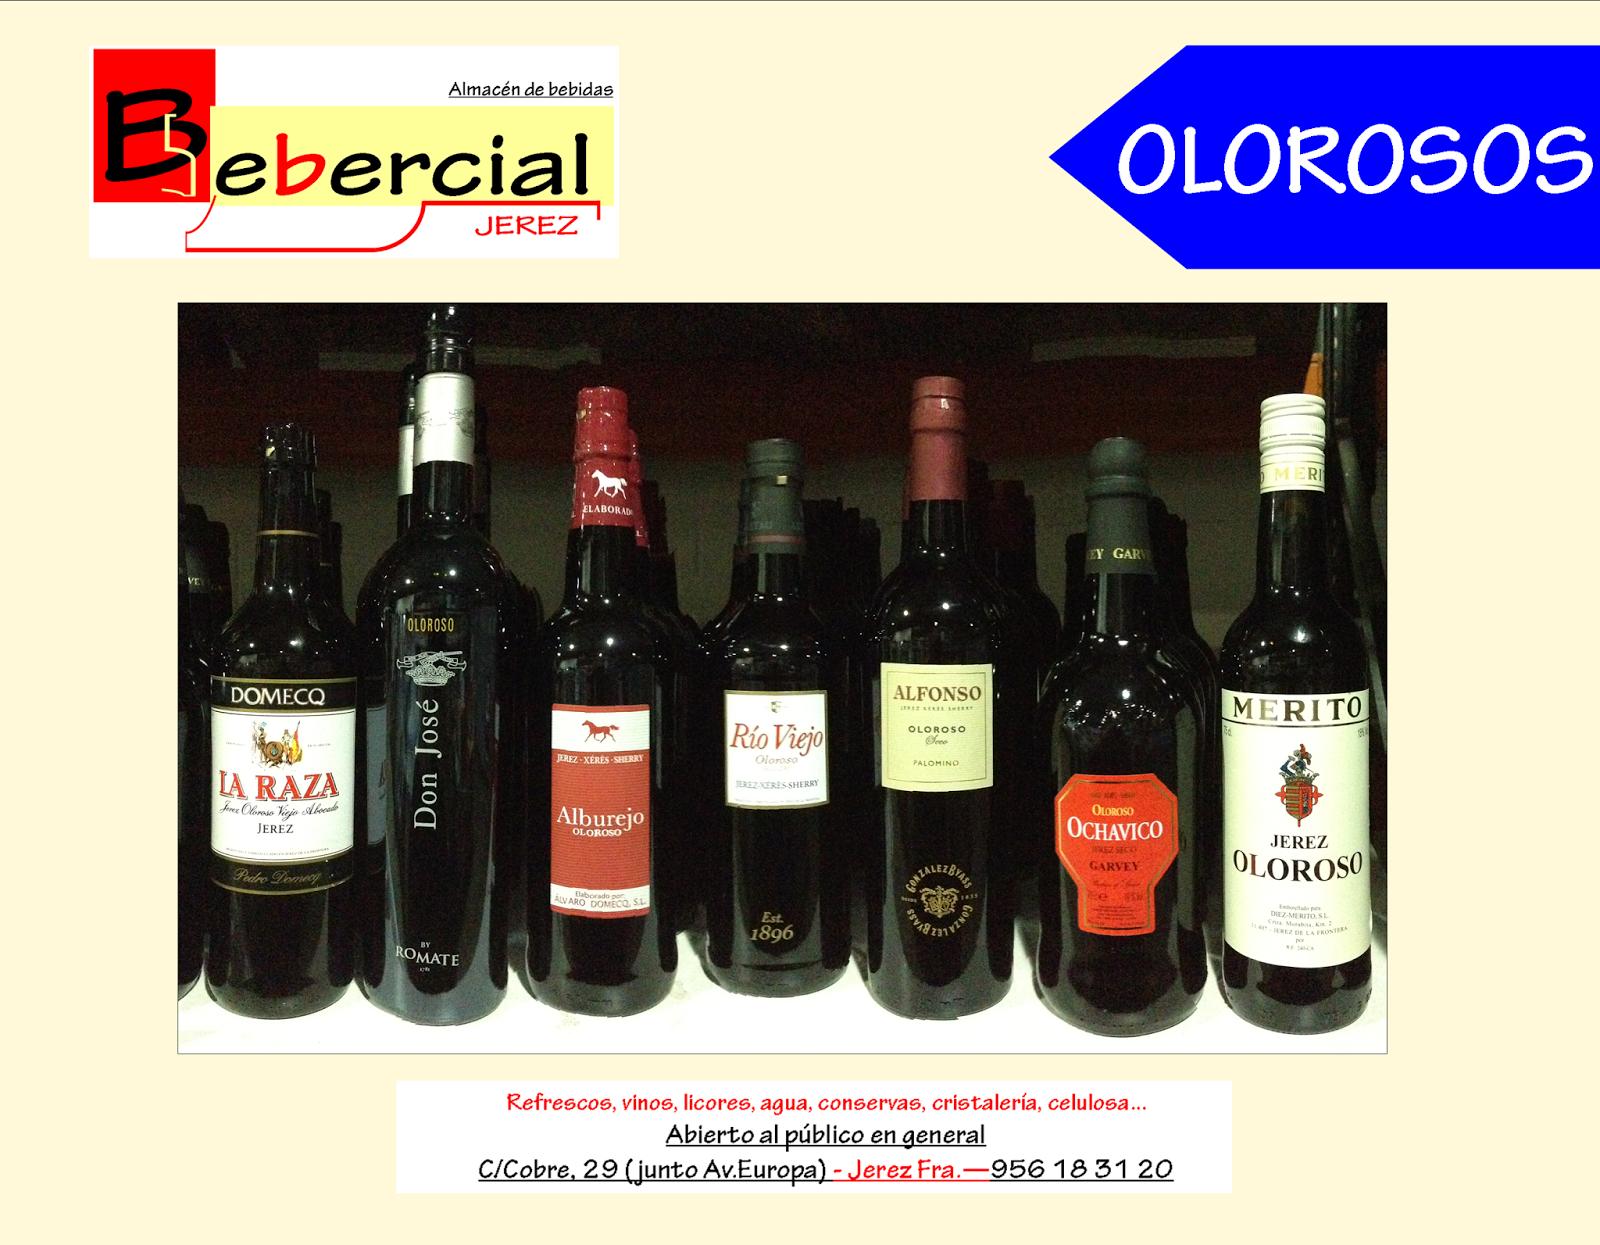 vinos denominacion de origen: